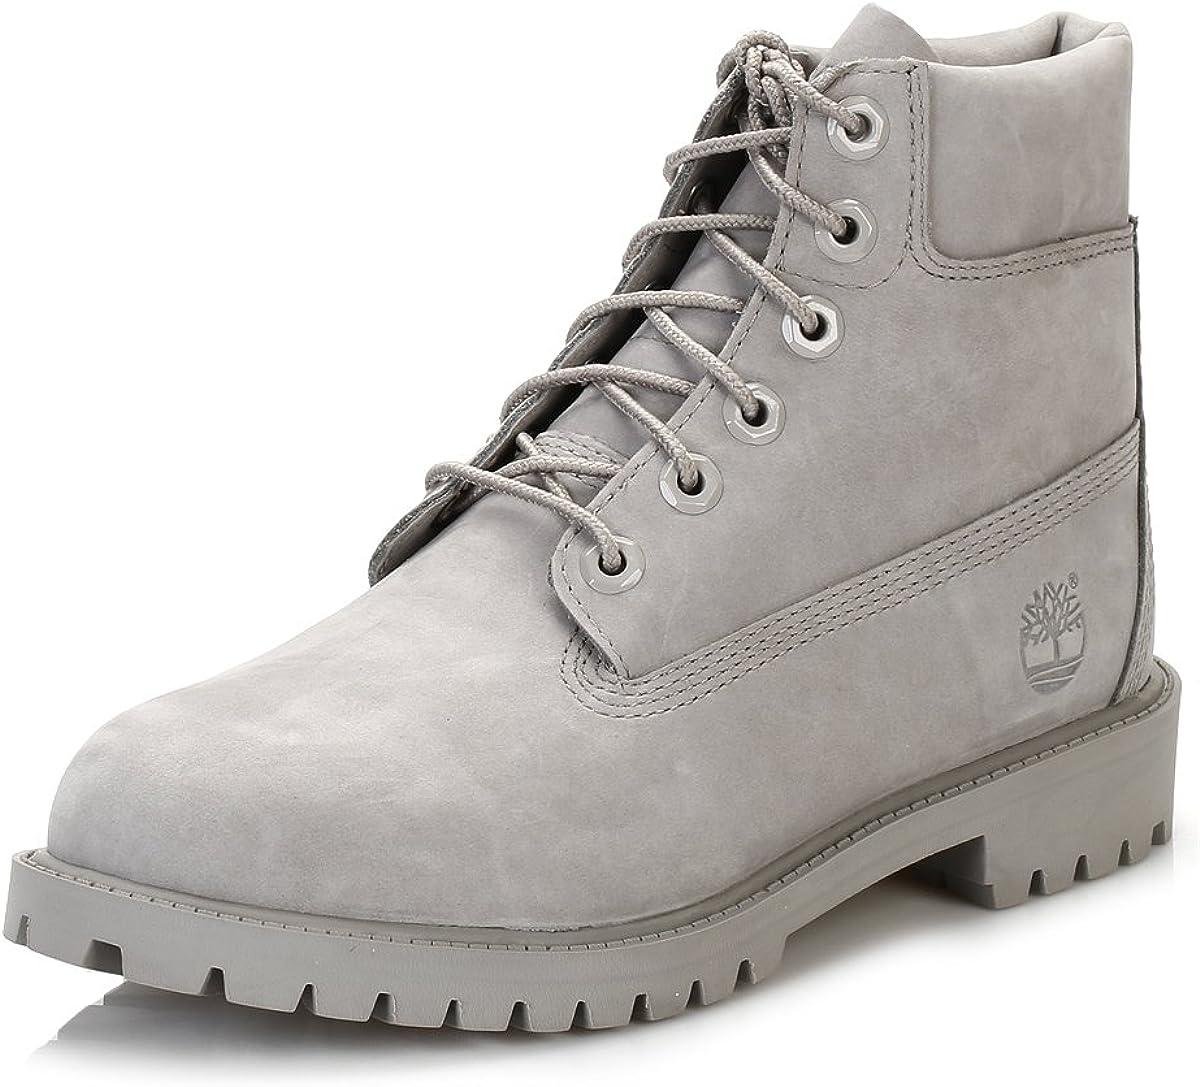 Timberland Boys 6 Inch Premium Waterproof Boot